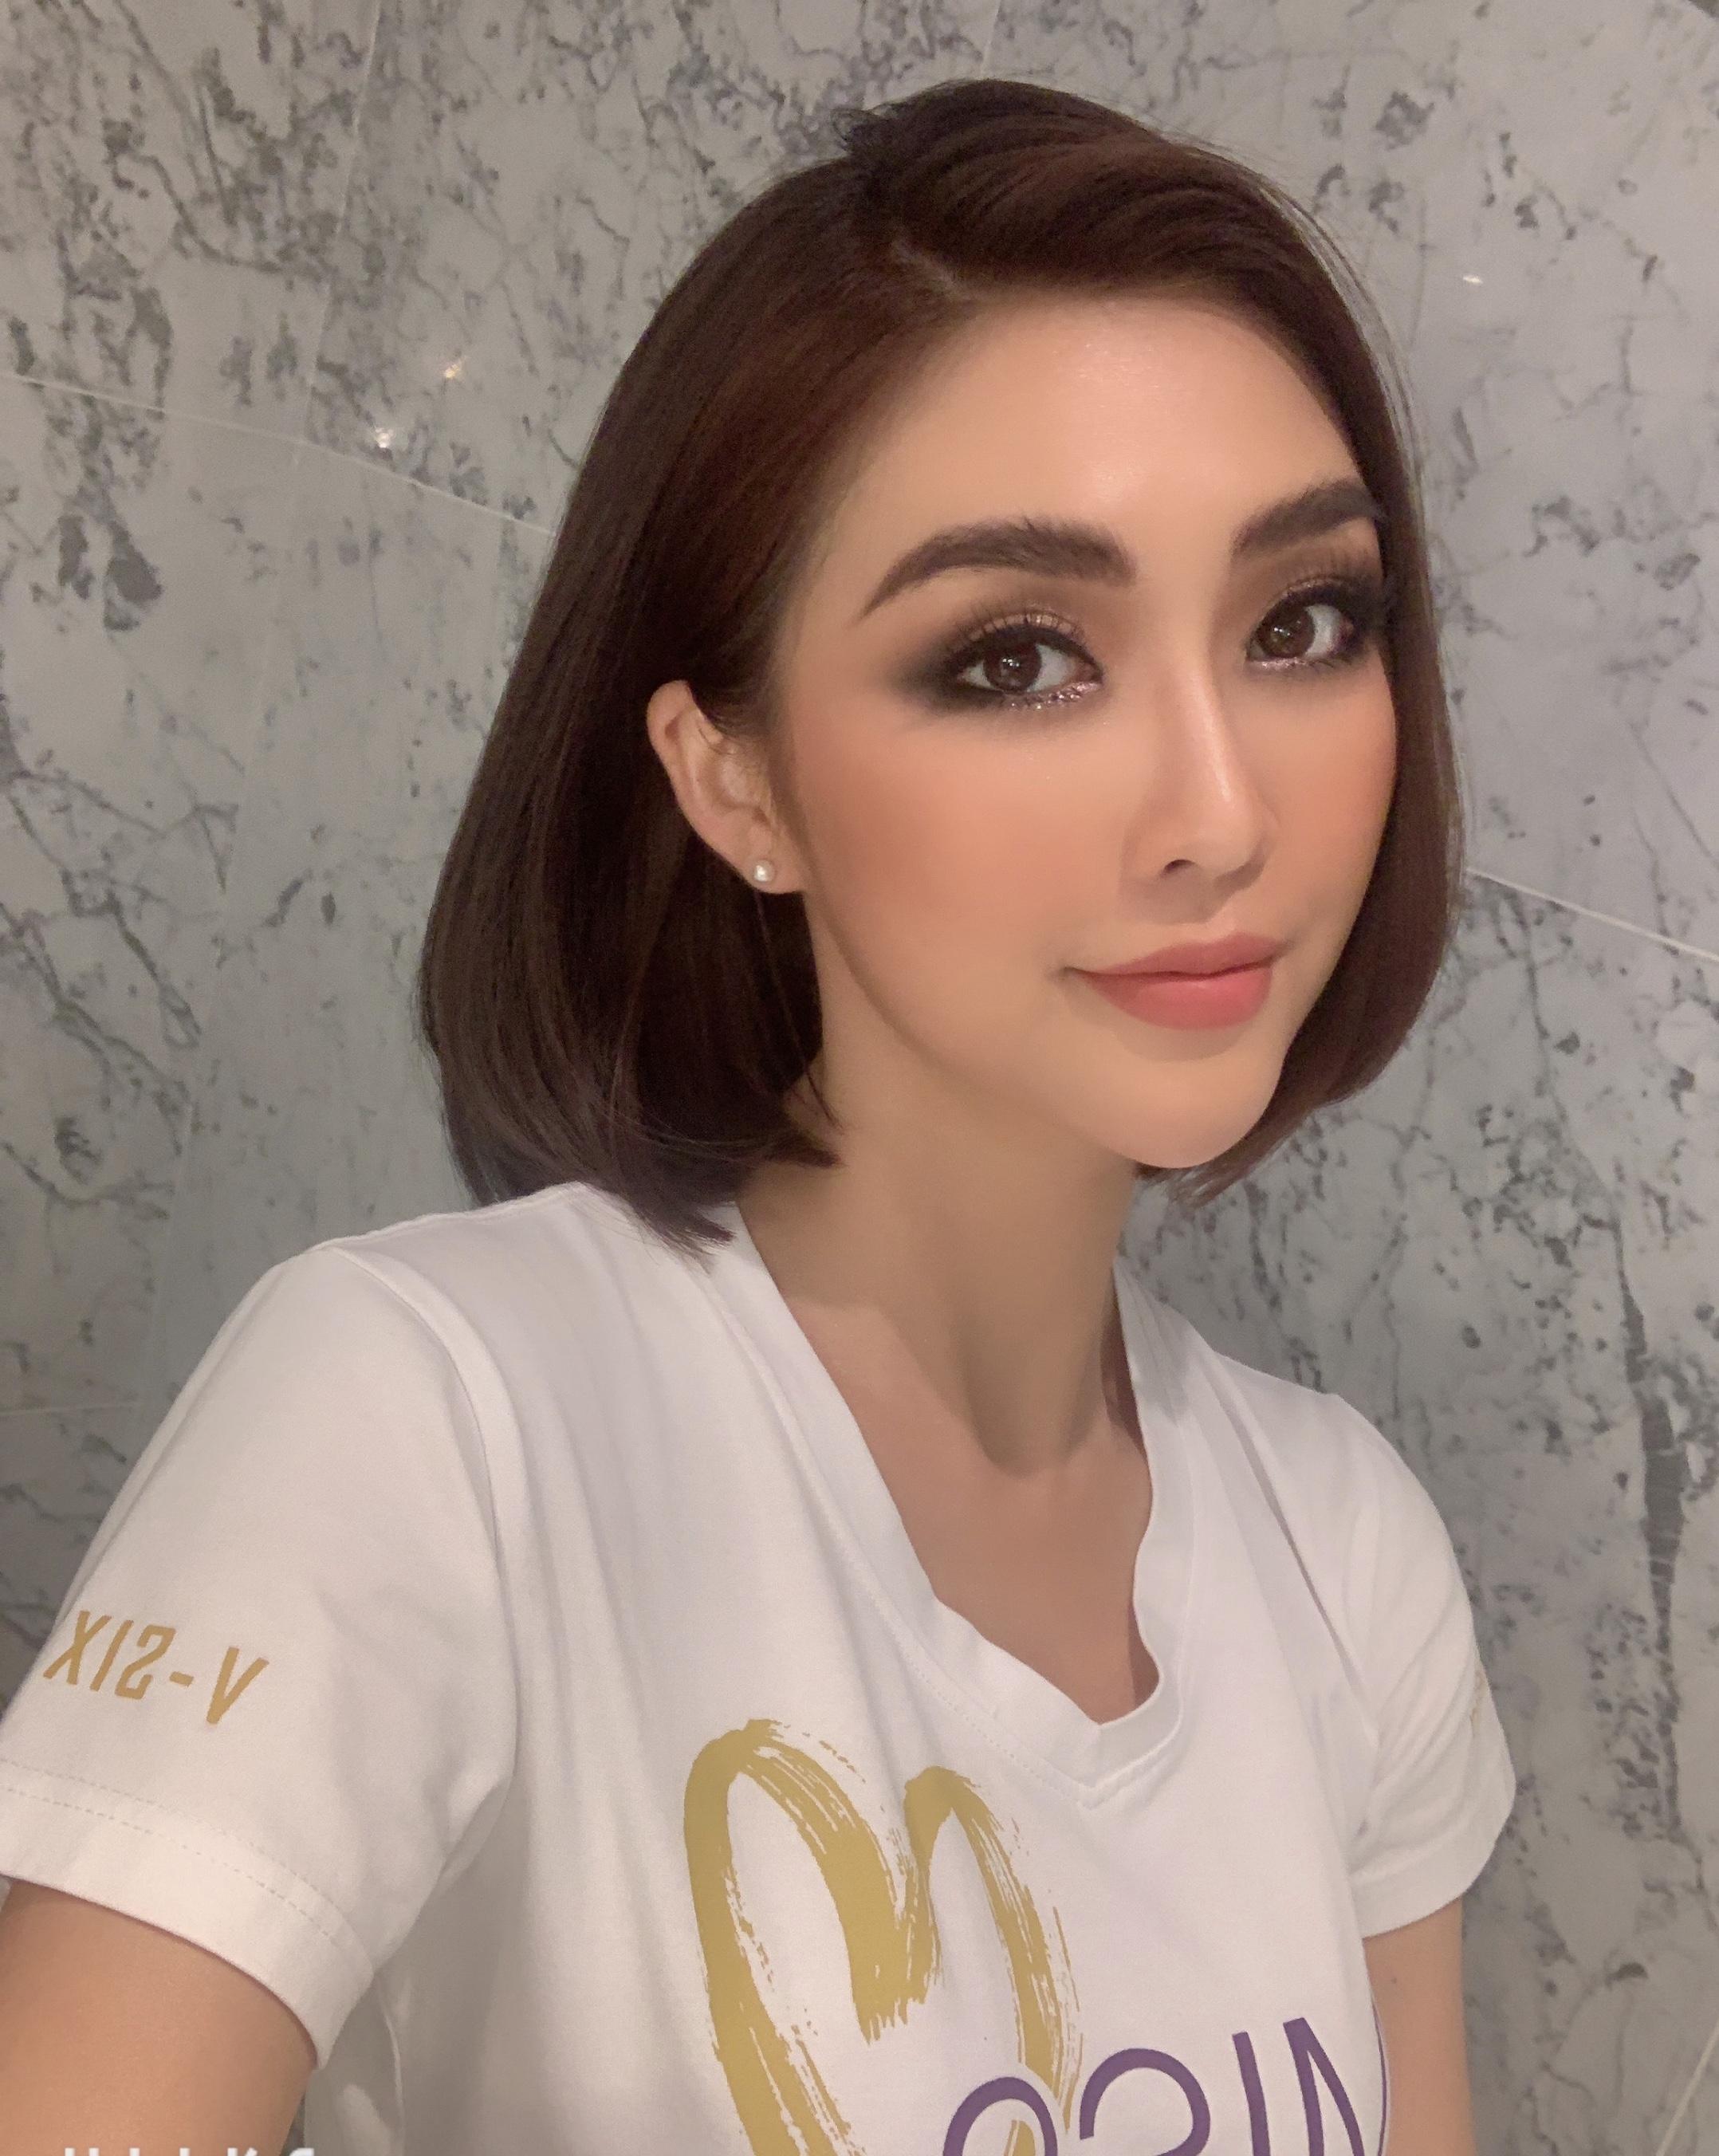 Tường Linh lên tiếng khi bị chỉ trích dùng chuyện tình cảm để PR tại Hoa hậu hoàn vũ VN - 1